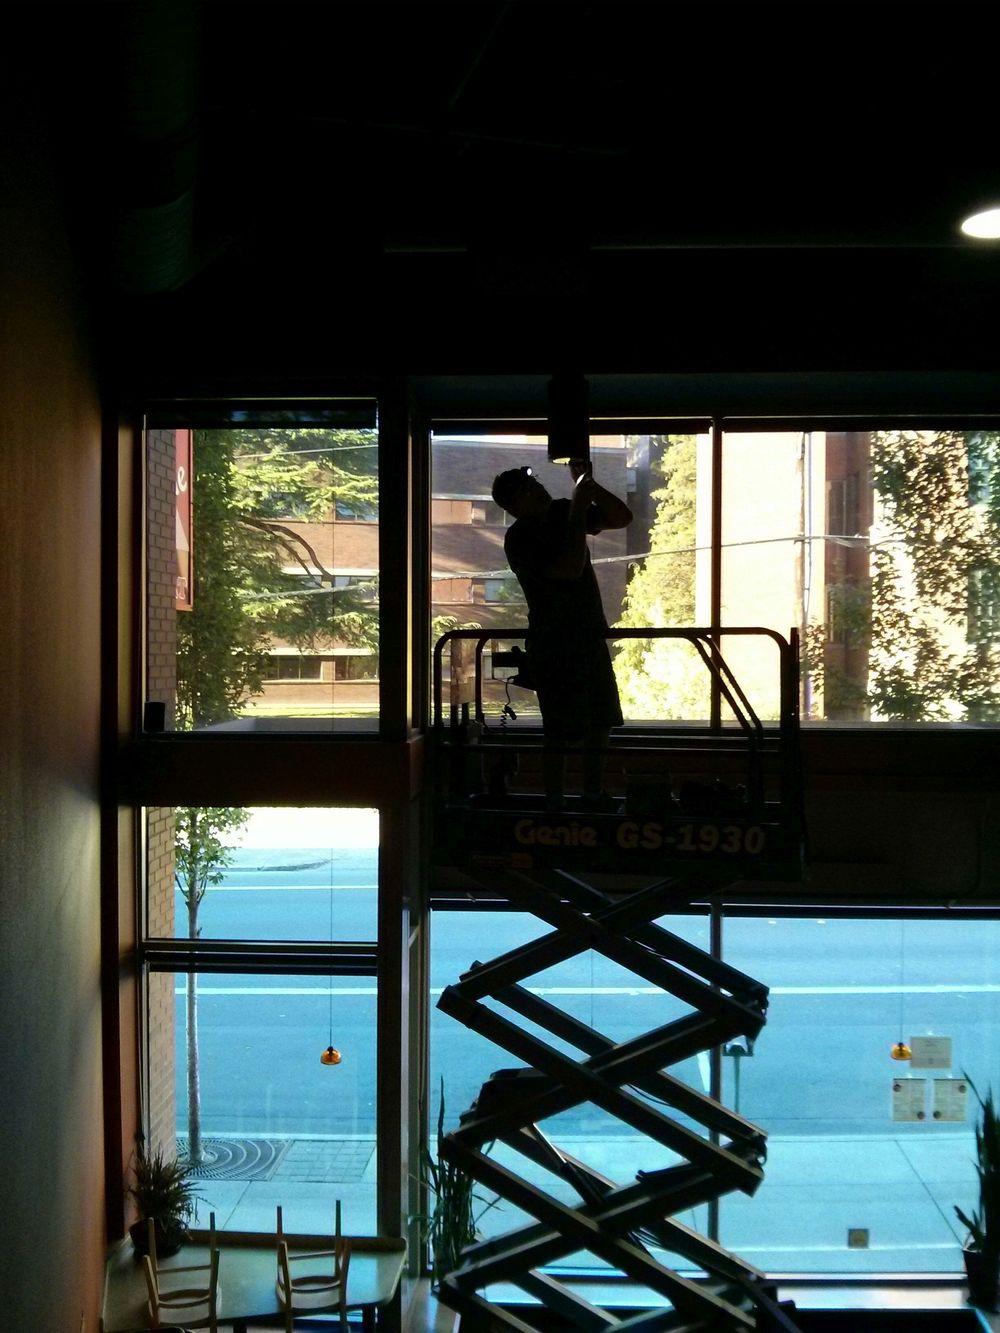 Restaurant, Commercial Lighting & Fixture Repair